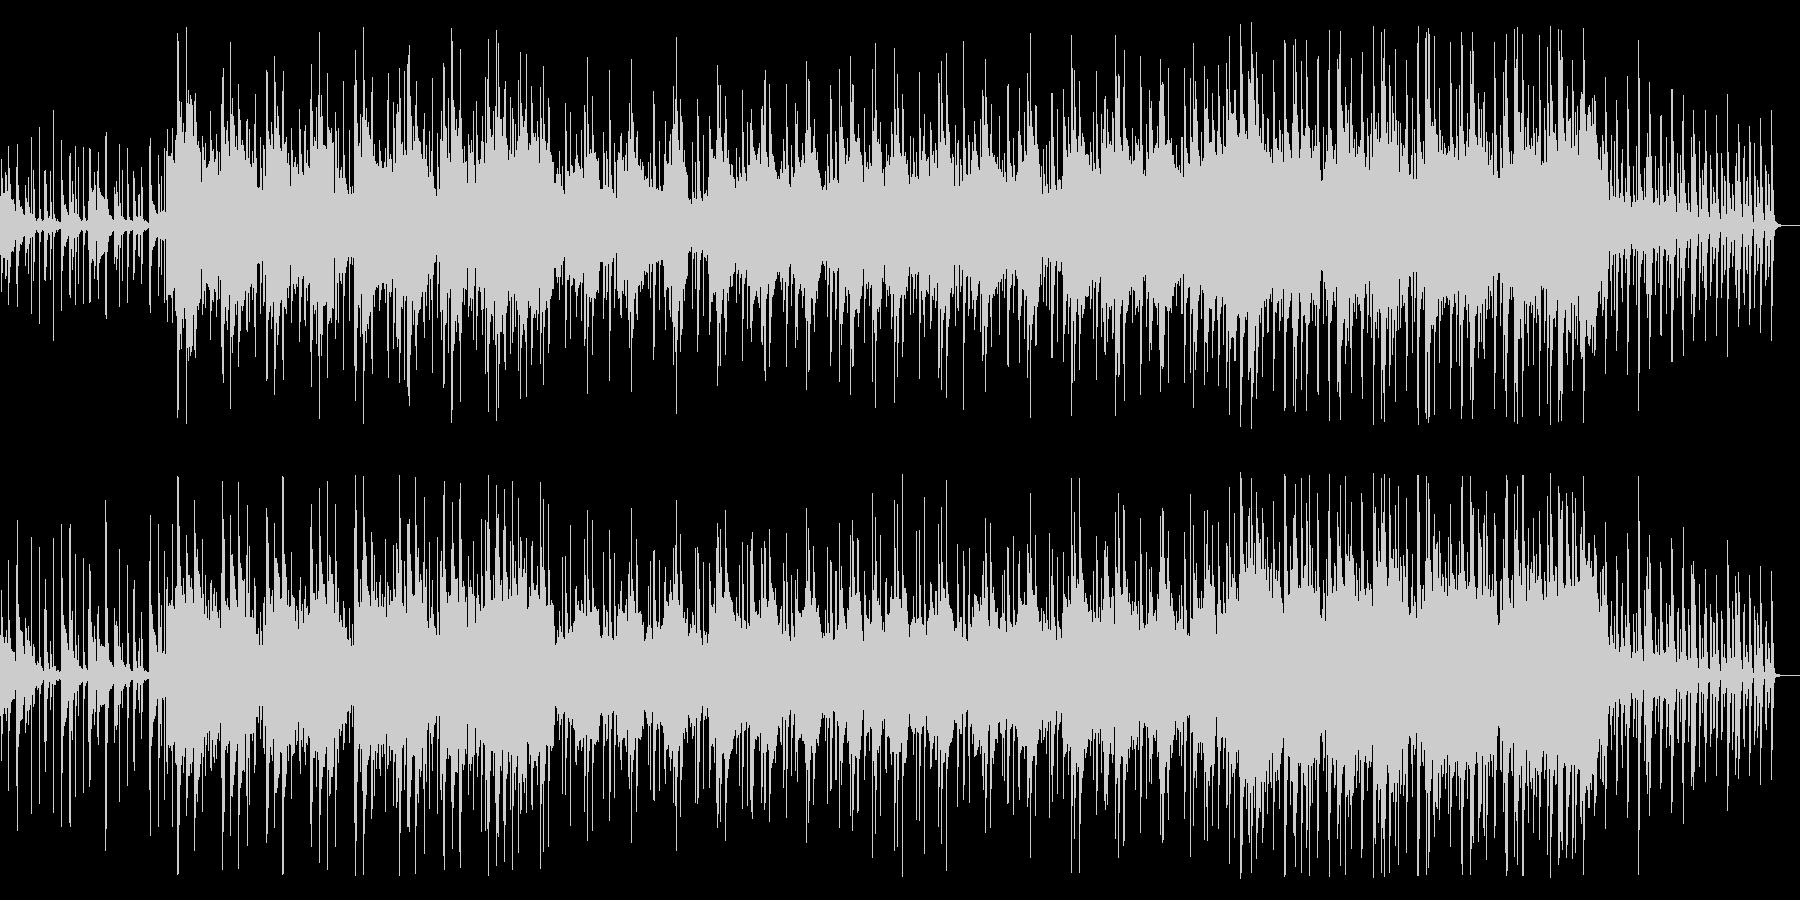 ゆったりしたインディアン風の民族音楽の未再生の波形